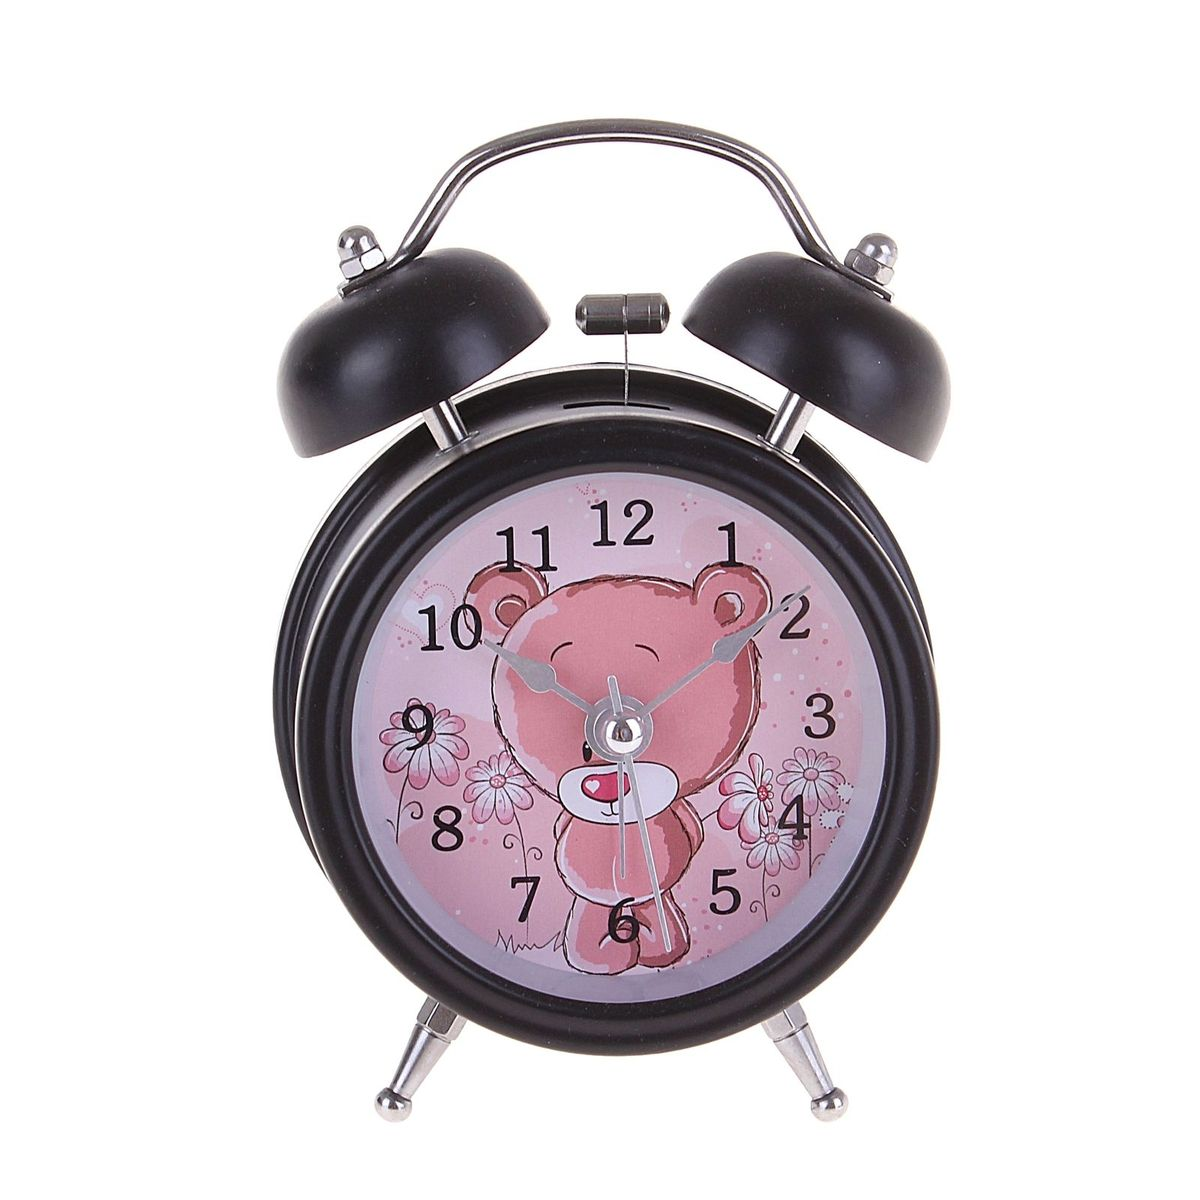 Будильник Мишка-стесняшка, цвет: черный, розовый. 127199127199Каждое утро вы боитесь проспать? Будьте абсолютно уверены в том, что с таким будильником вам точно не удастся снова уснуть! Теперь вы сможете просыпаться утром под звуки стильного классического будильника. Яркий будильник украсит вашу комнату и приведет в восхищение друга. Будильник работает от 1 батареи типа АА. На задней панели будильника расположены переключатель включения/выключения механизма и два колесика для настройки текущего времени и времени звонка будильника.